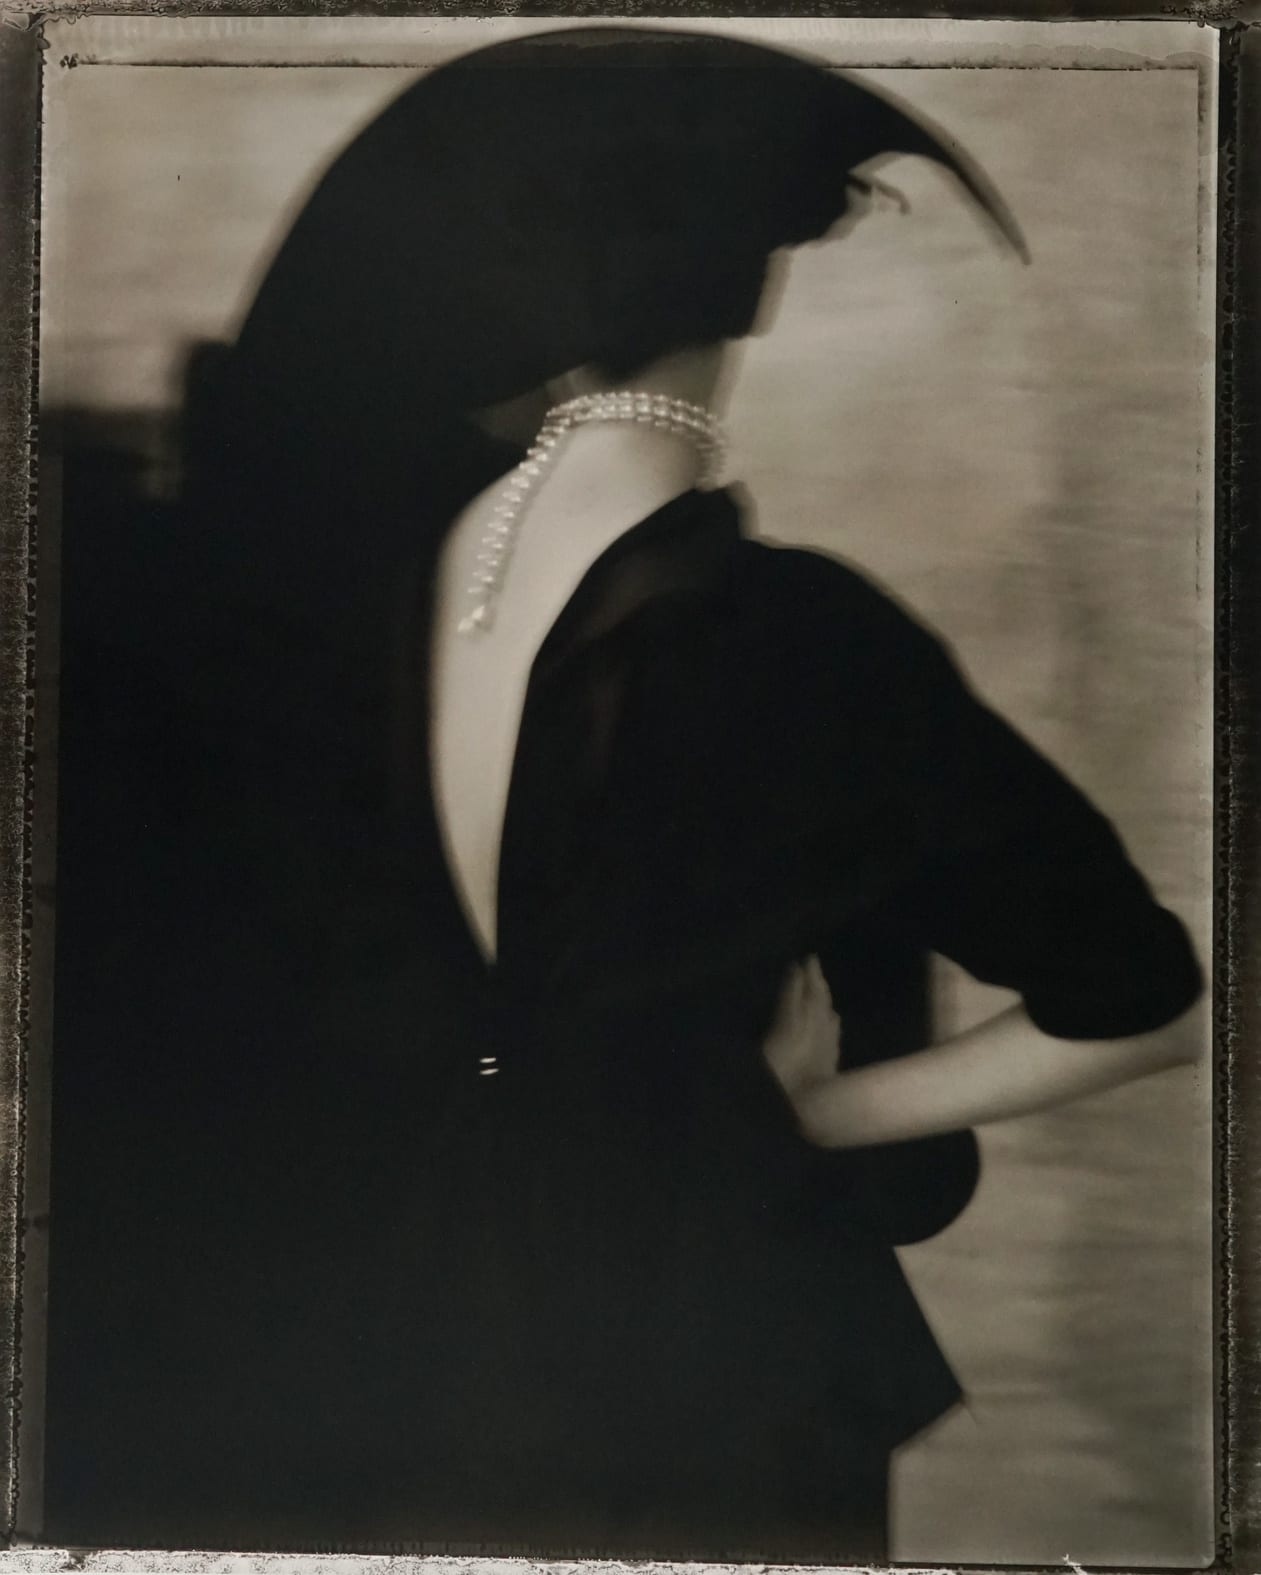 Sarah Moon, L'inconnue, 2011